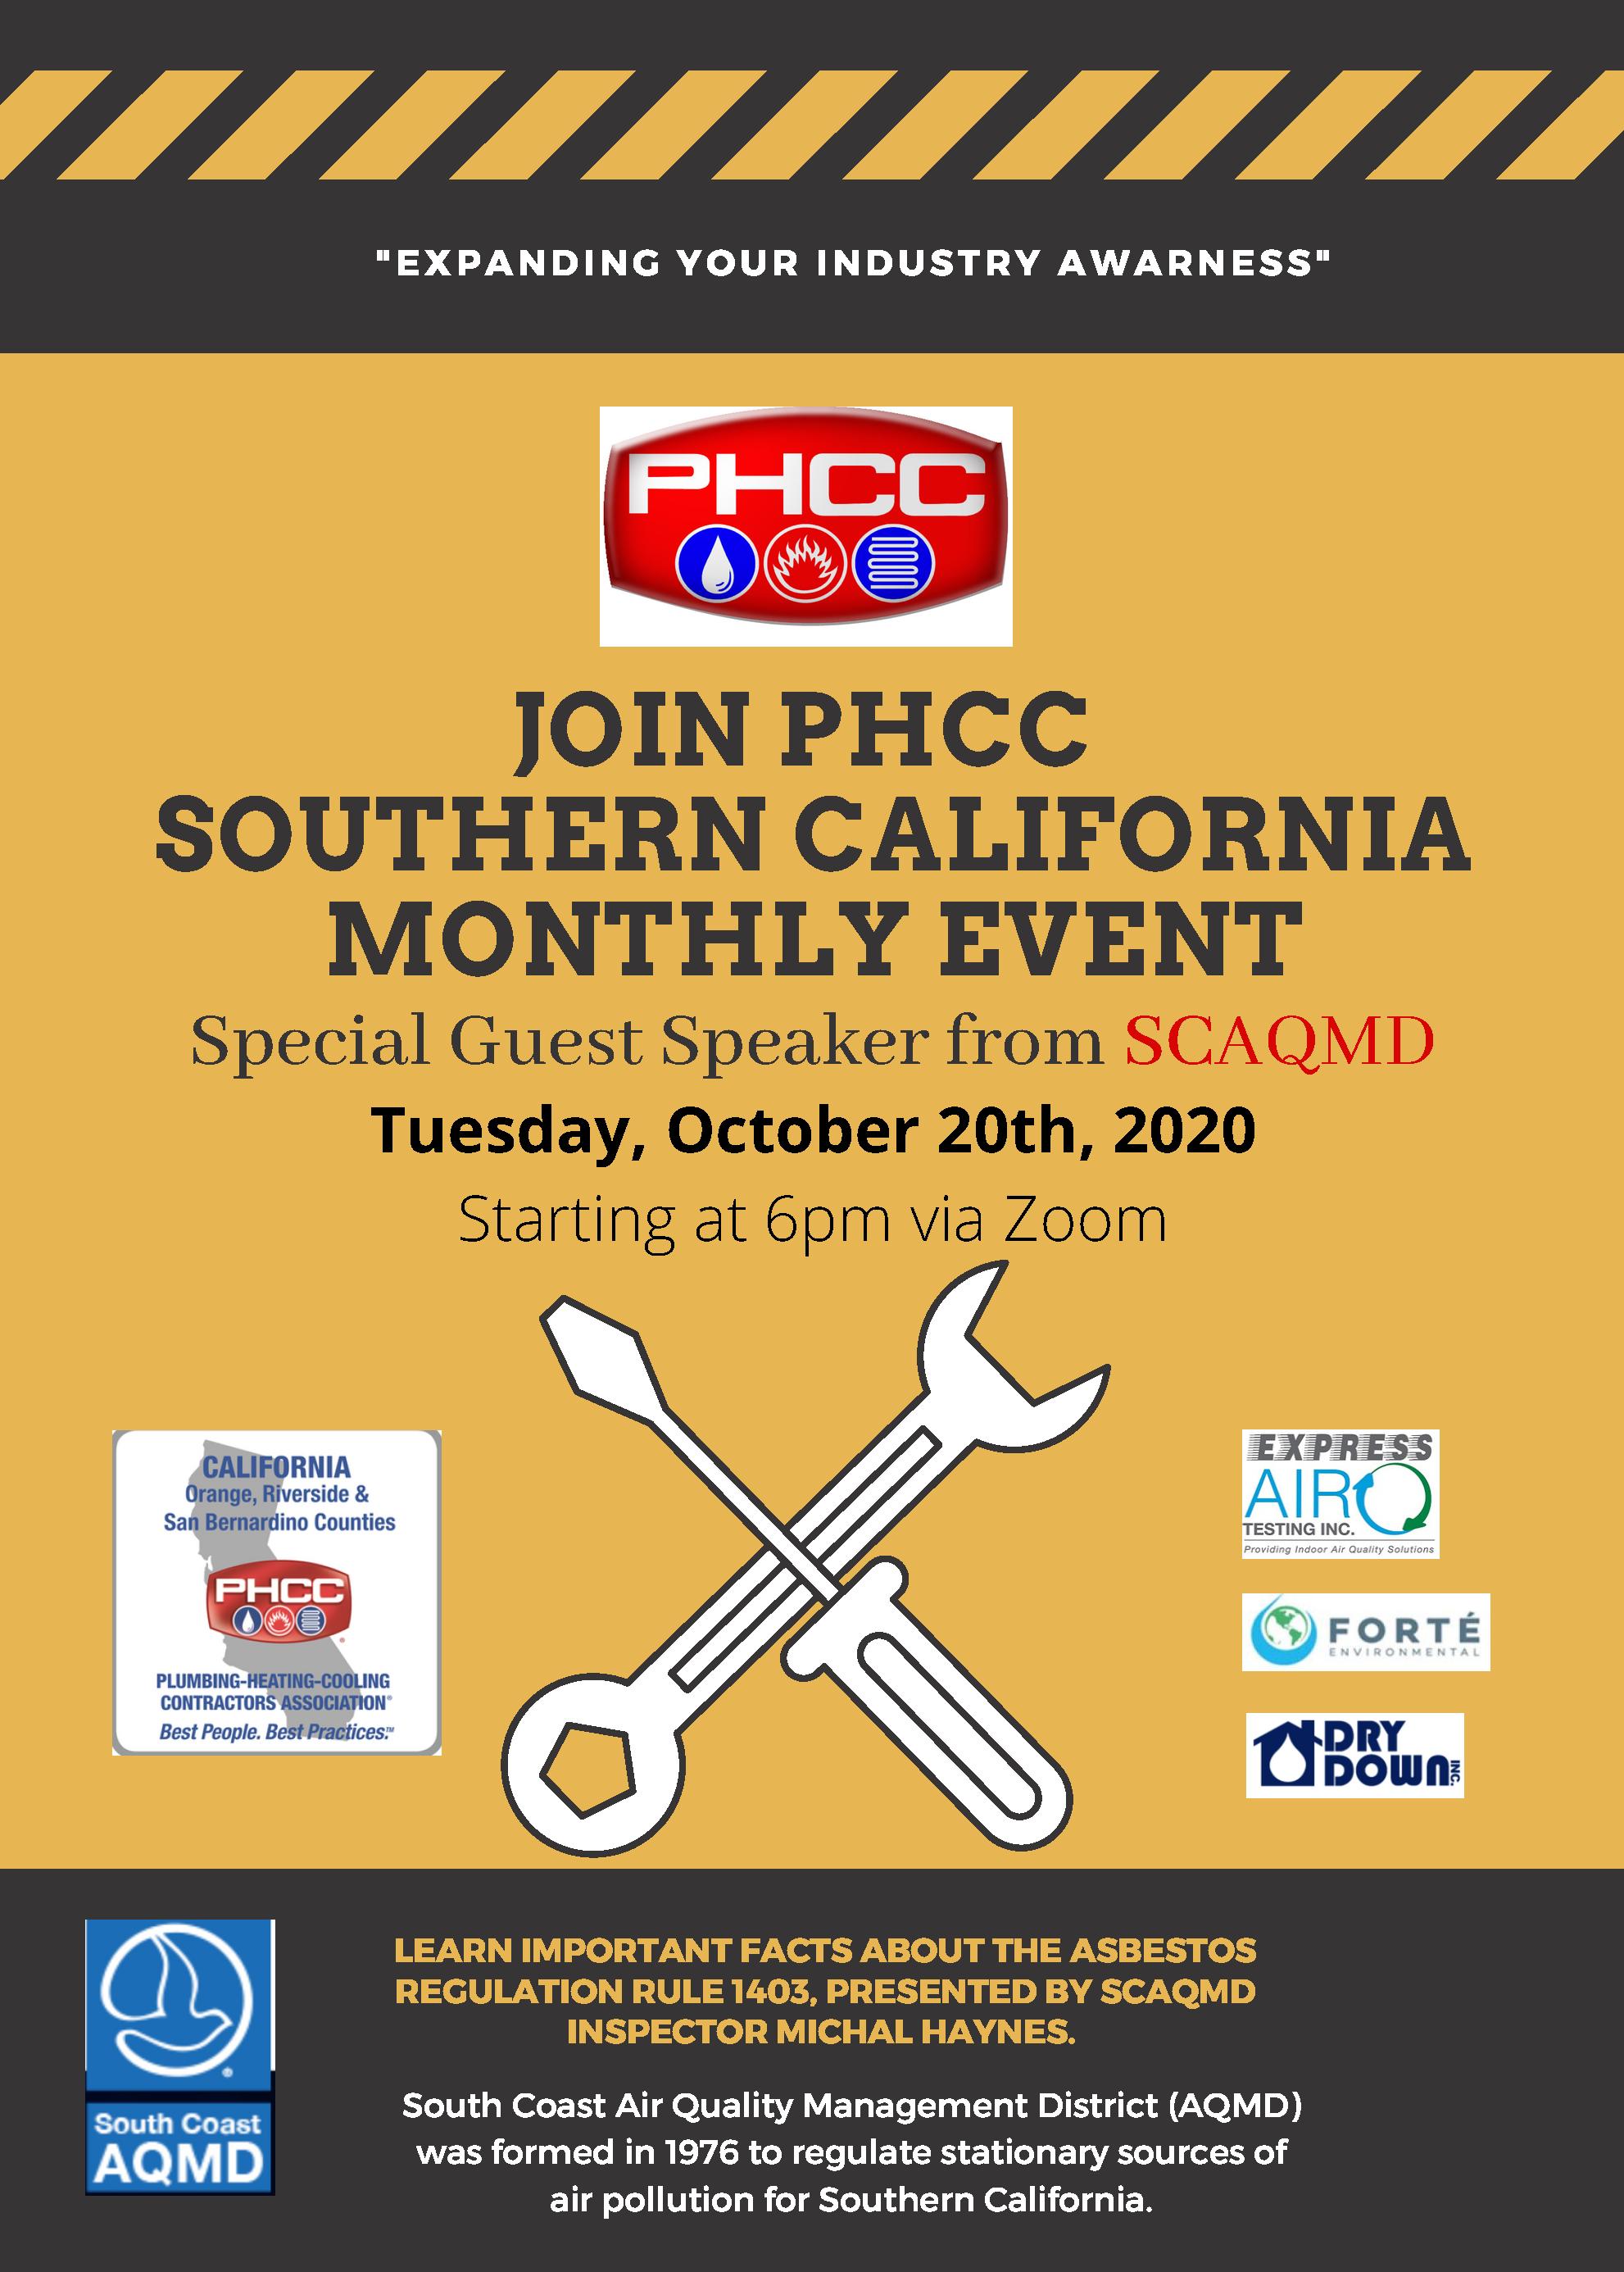 PHCC Southern California Member Meeting October 2020